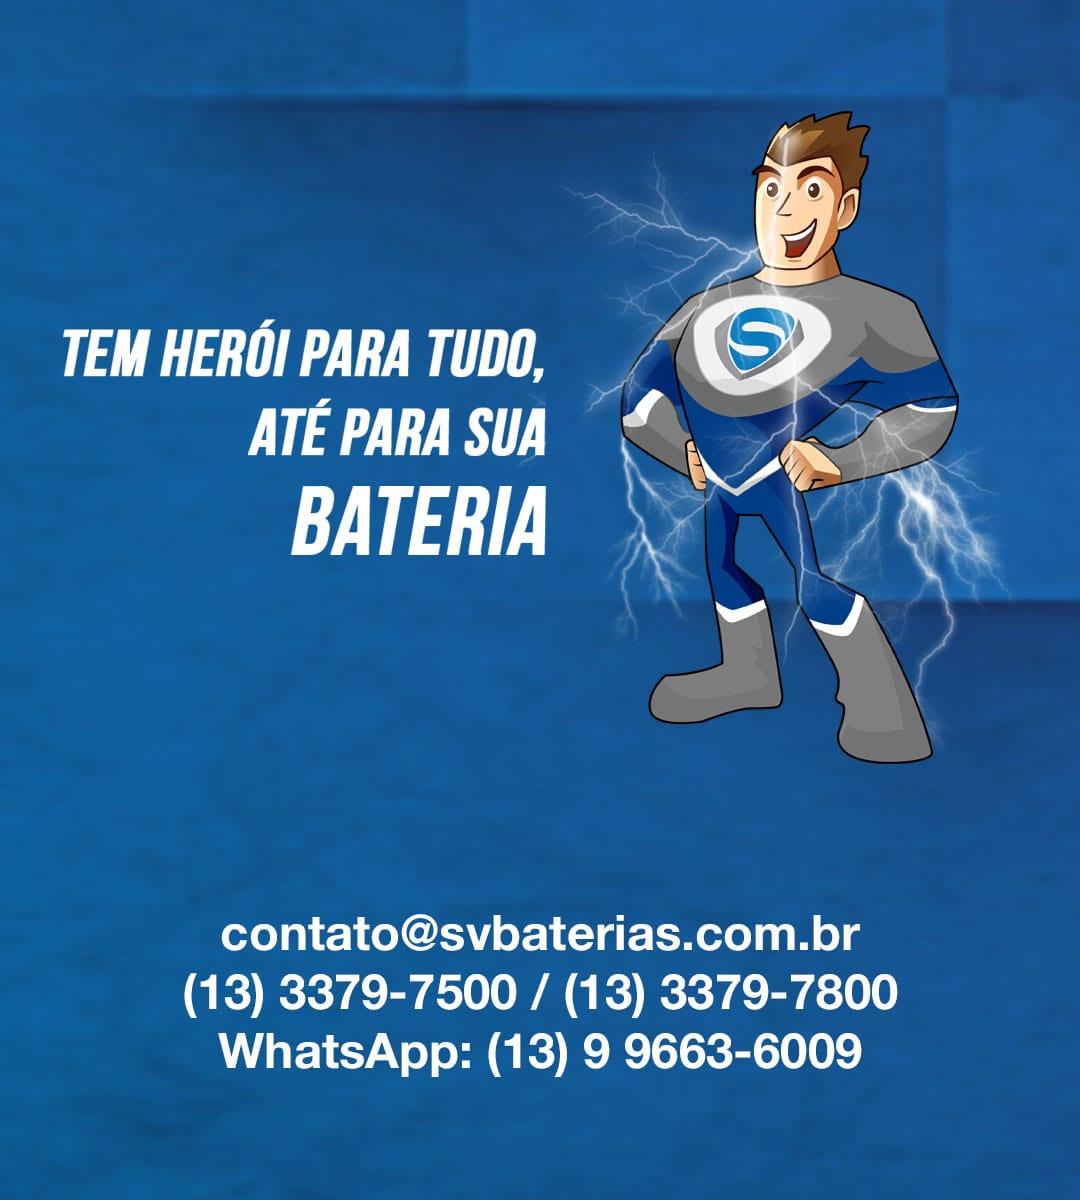 hero-sv-vetorizado-png-slider-mobile-v3